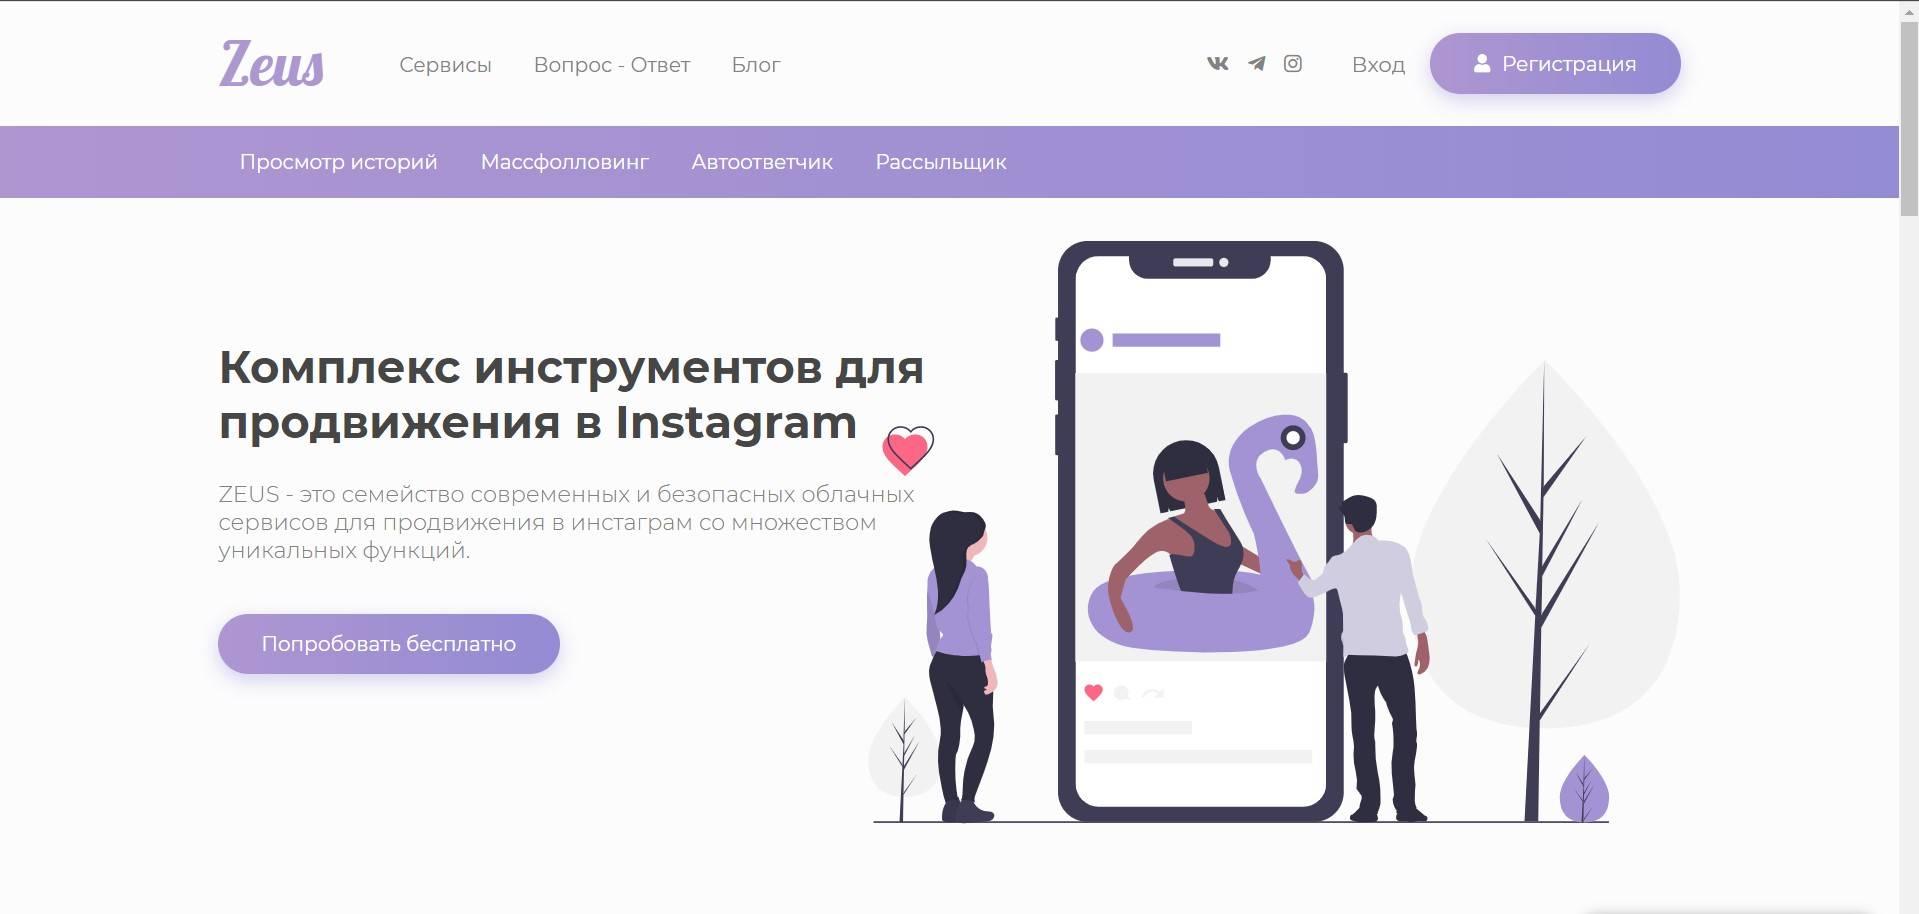 Масслайкинг в инстаграм - программы, лимиты, актуальность в 2019